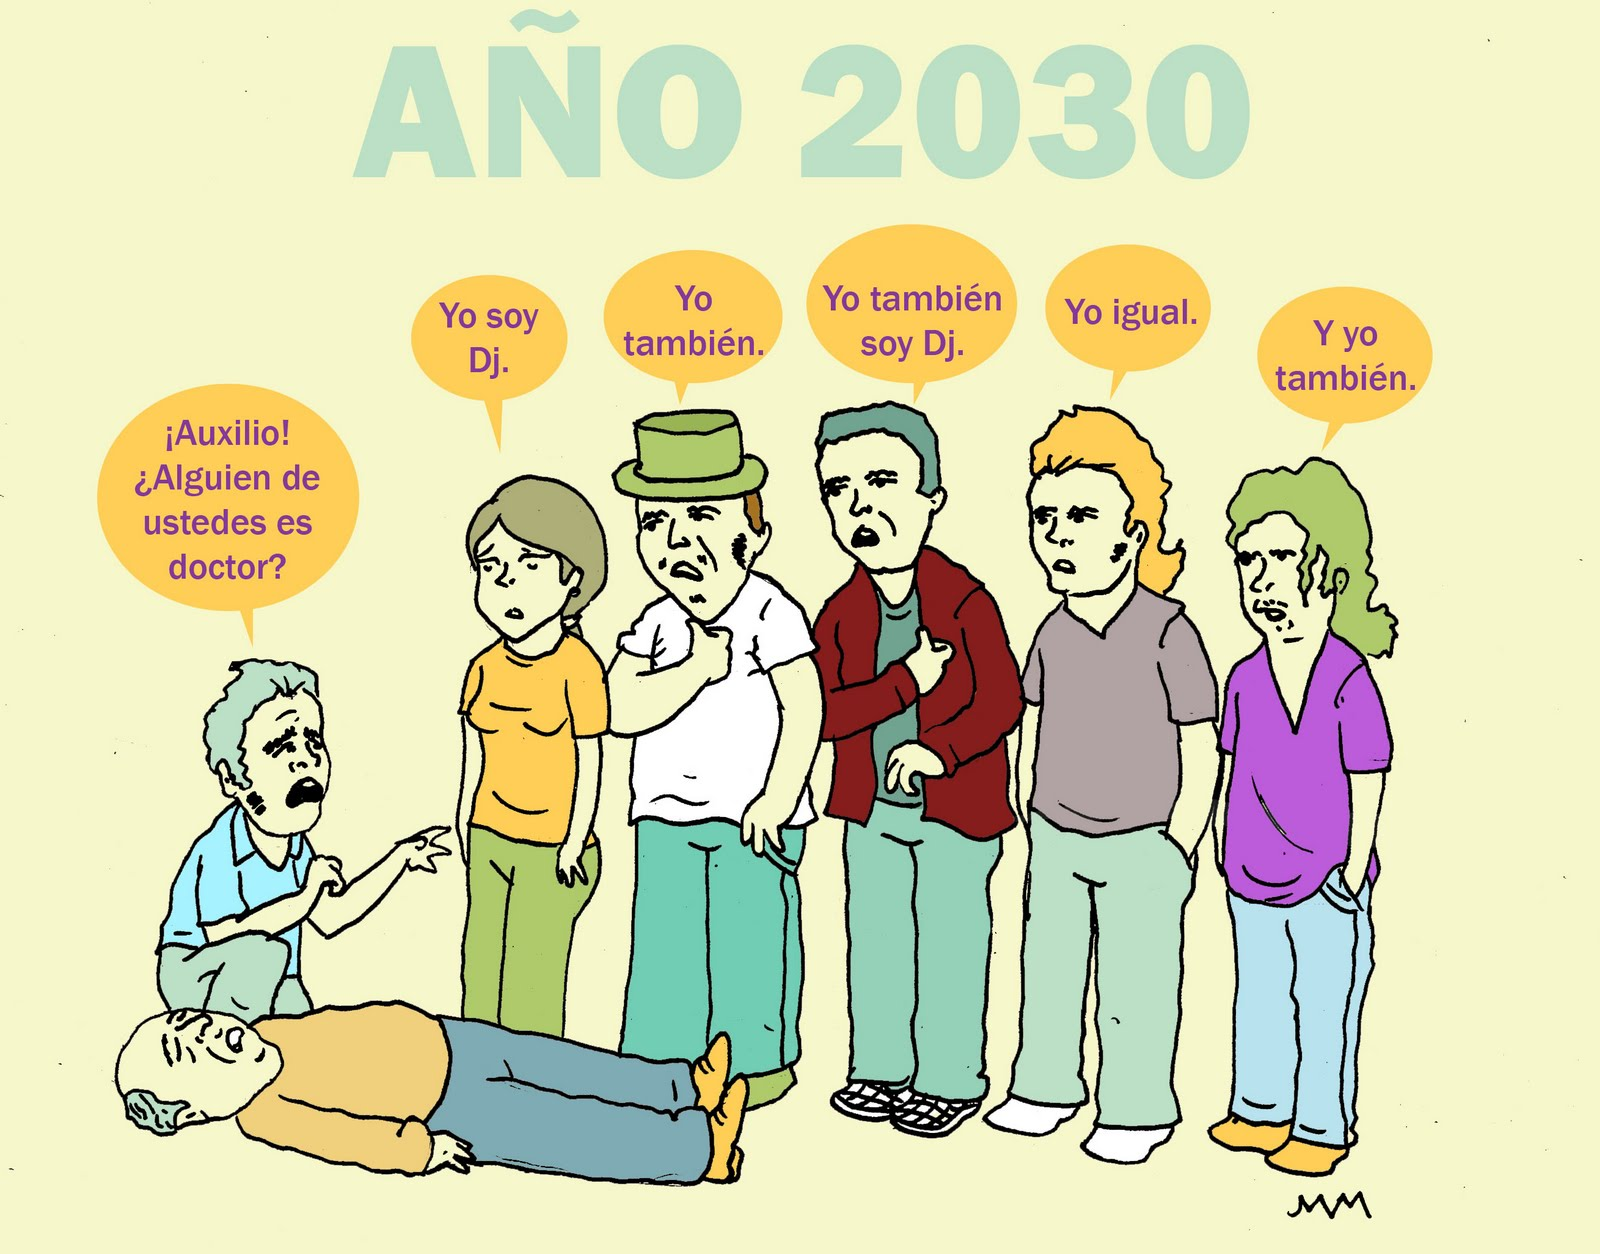 36e79bcd0 El Vago de Farmacia: EN UN FUTURO NO MUY LEJANO